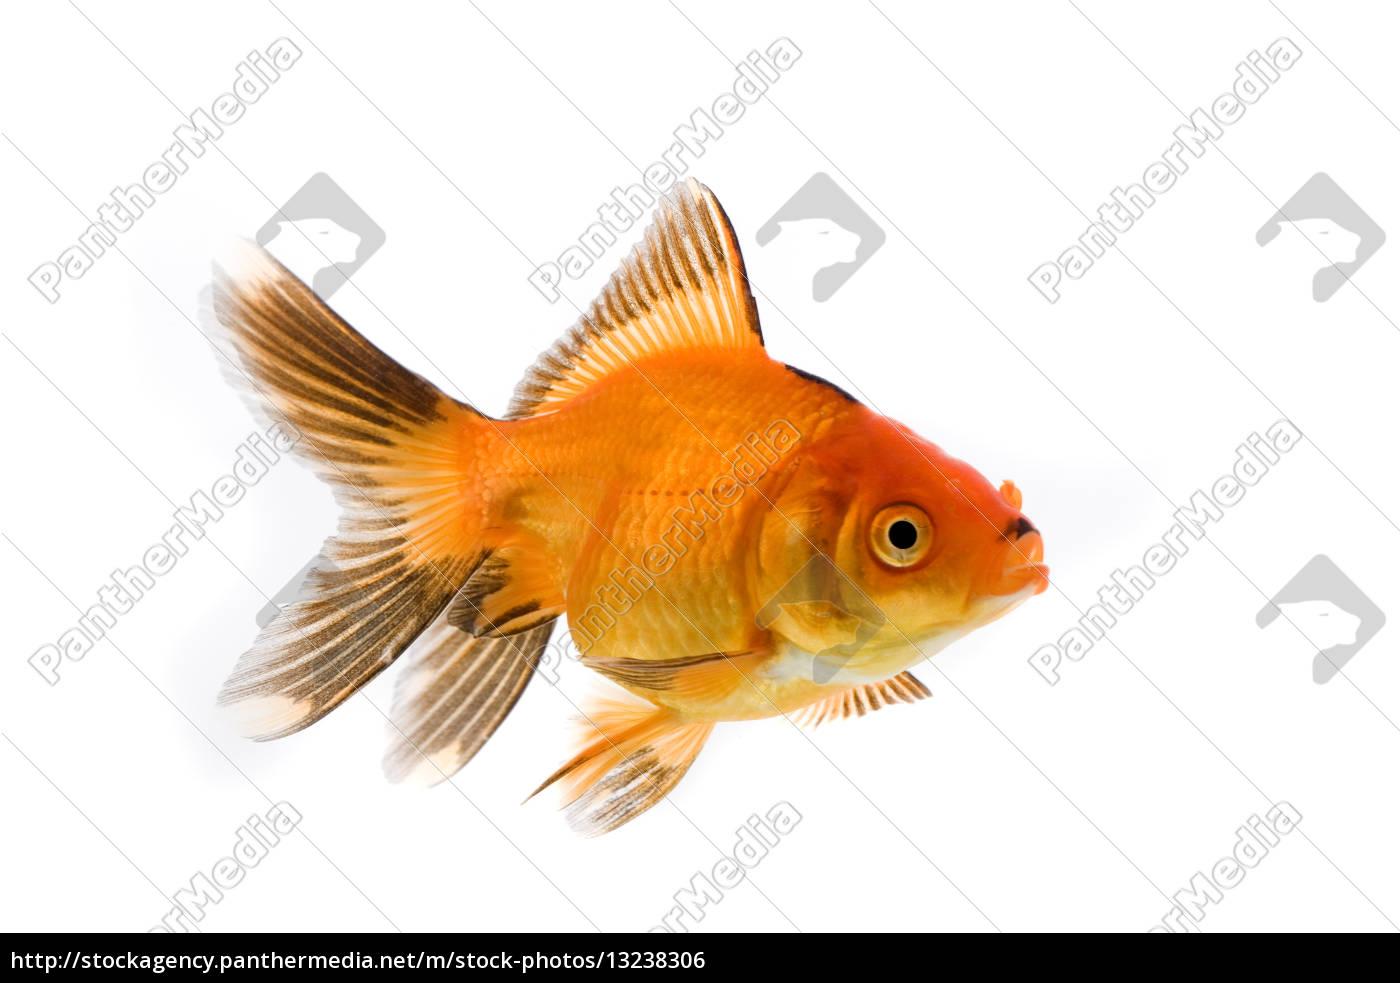 Aquarium Fish Pisces Japan Toy Fish Goldfish Carp Breed Stock